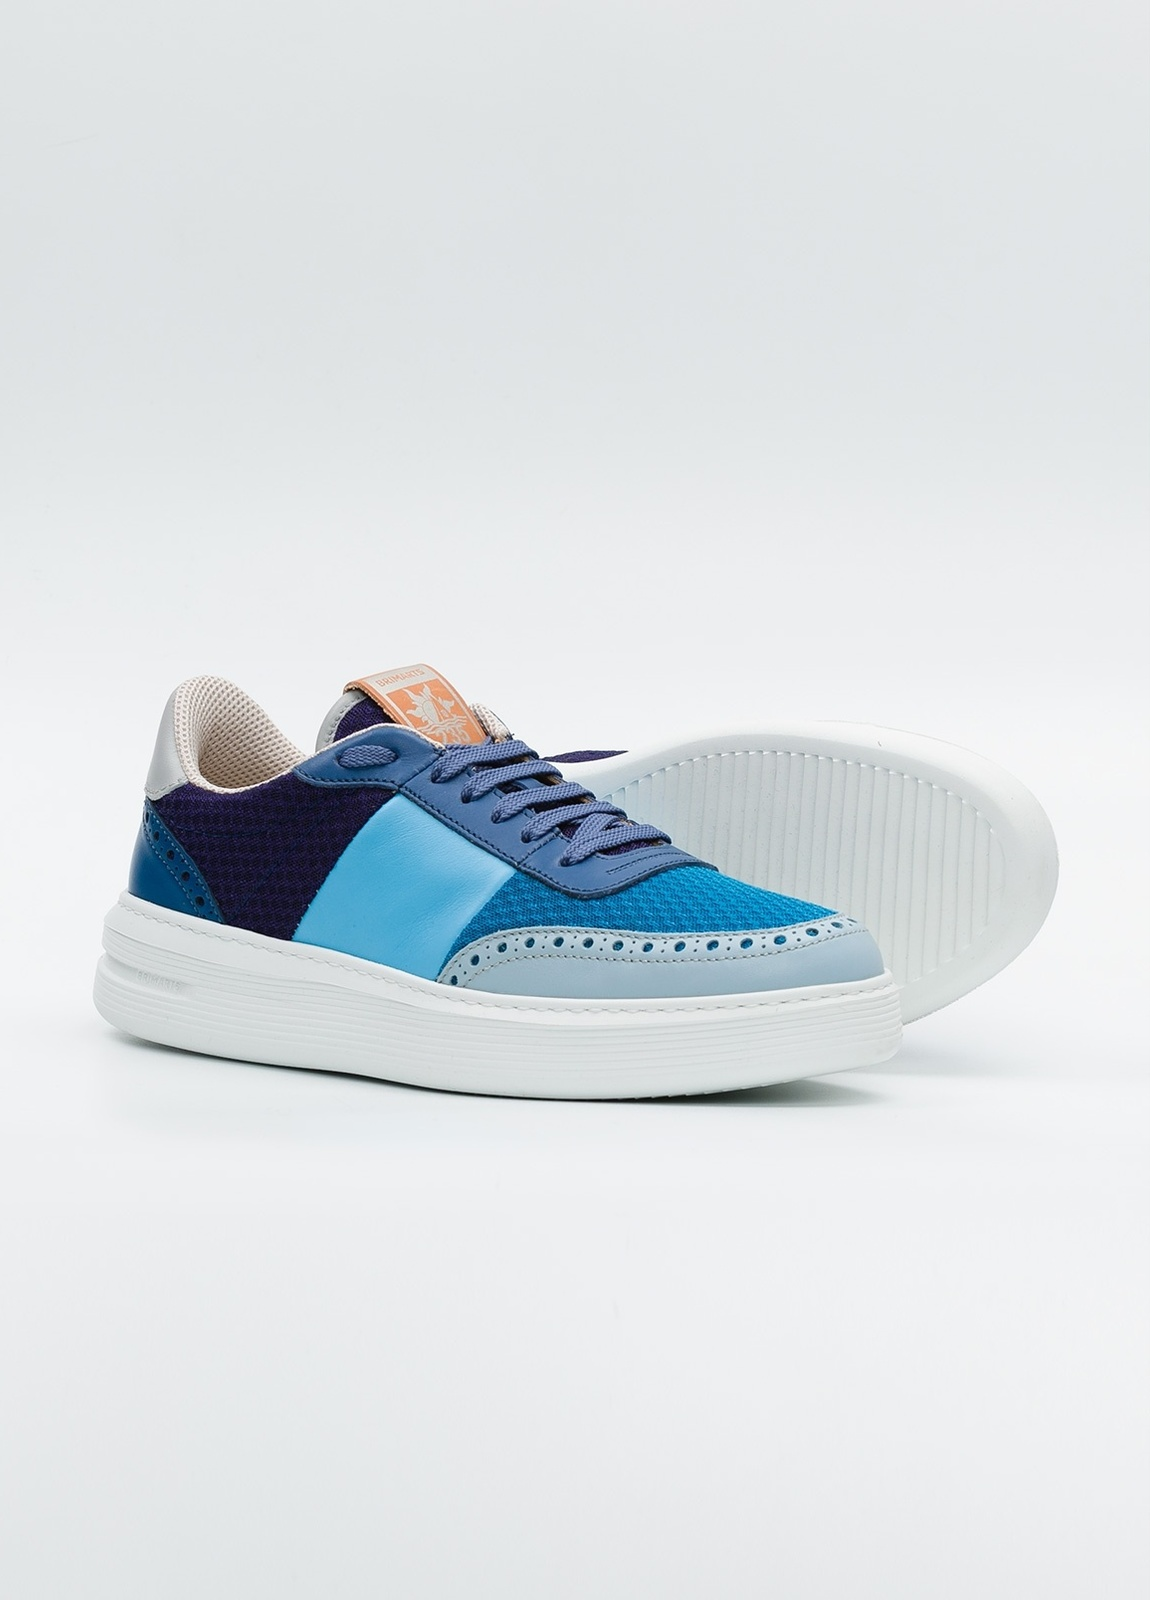 Calzado Sport color azul y marino, combinación de piel y malla. - Ítem2